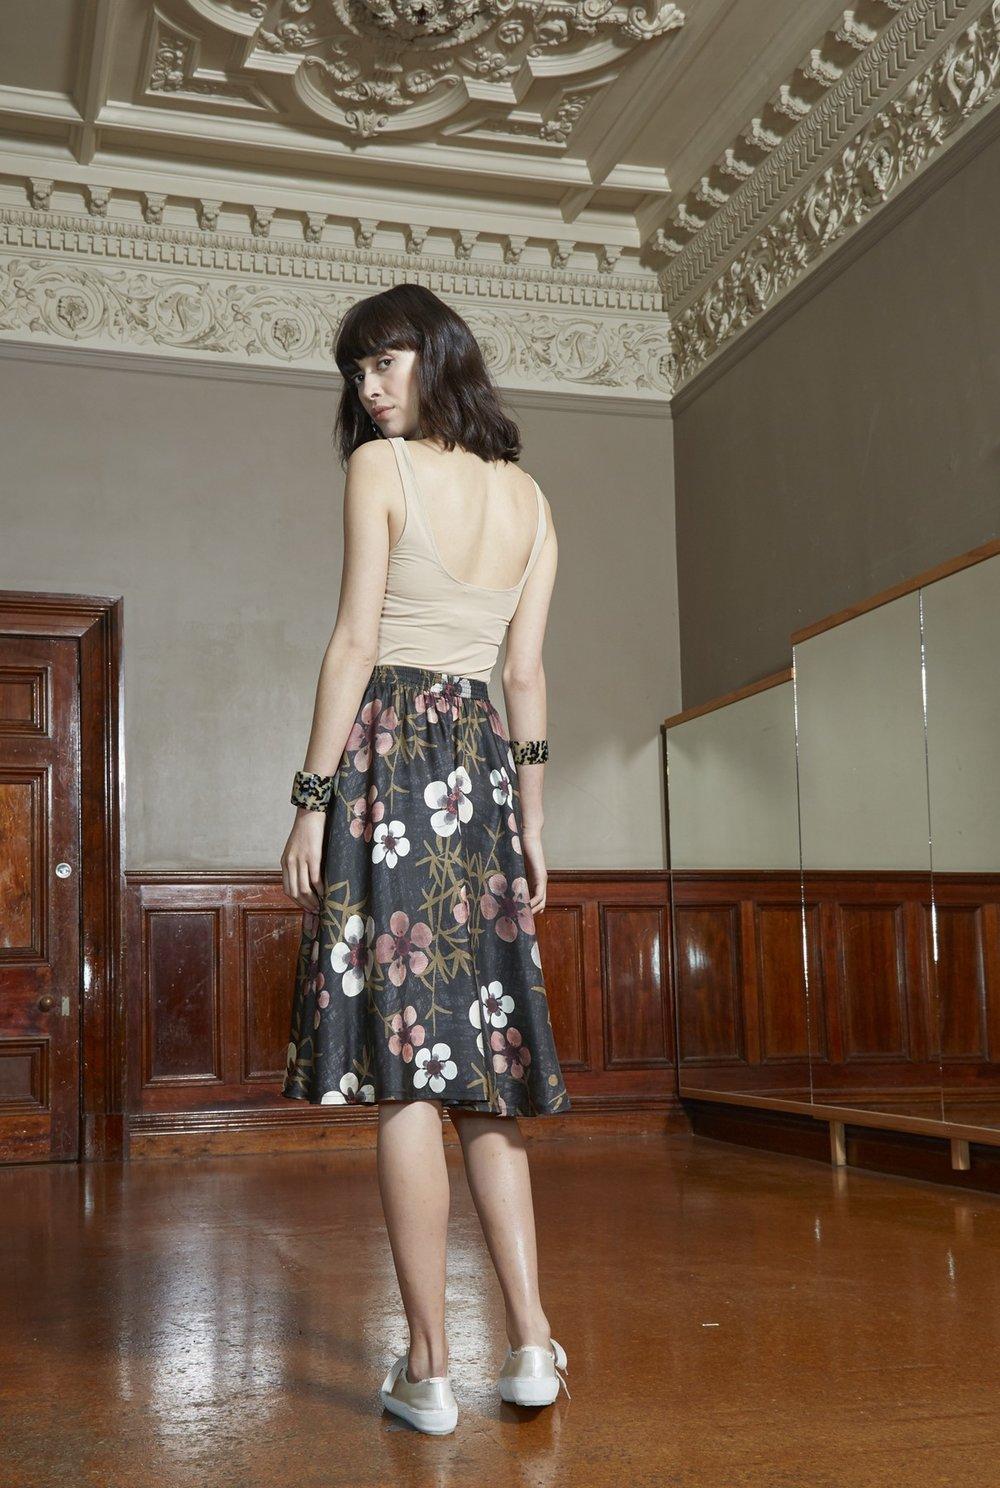 Dancing Skirt 3.jpg